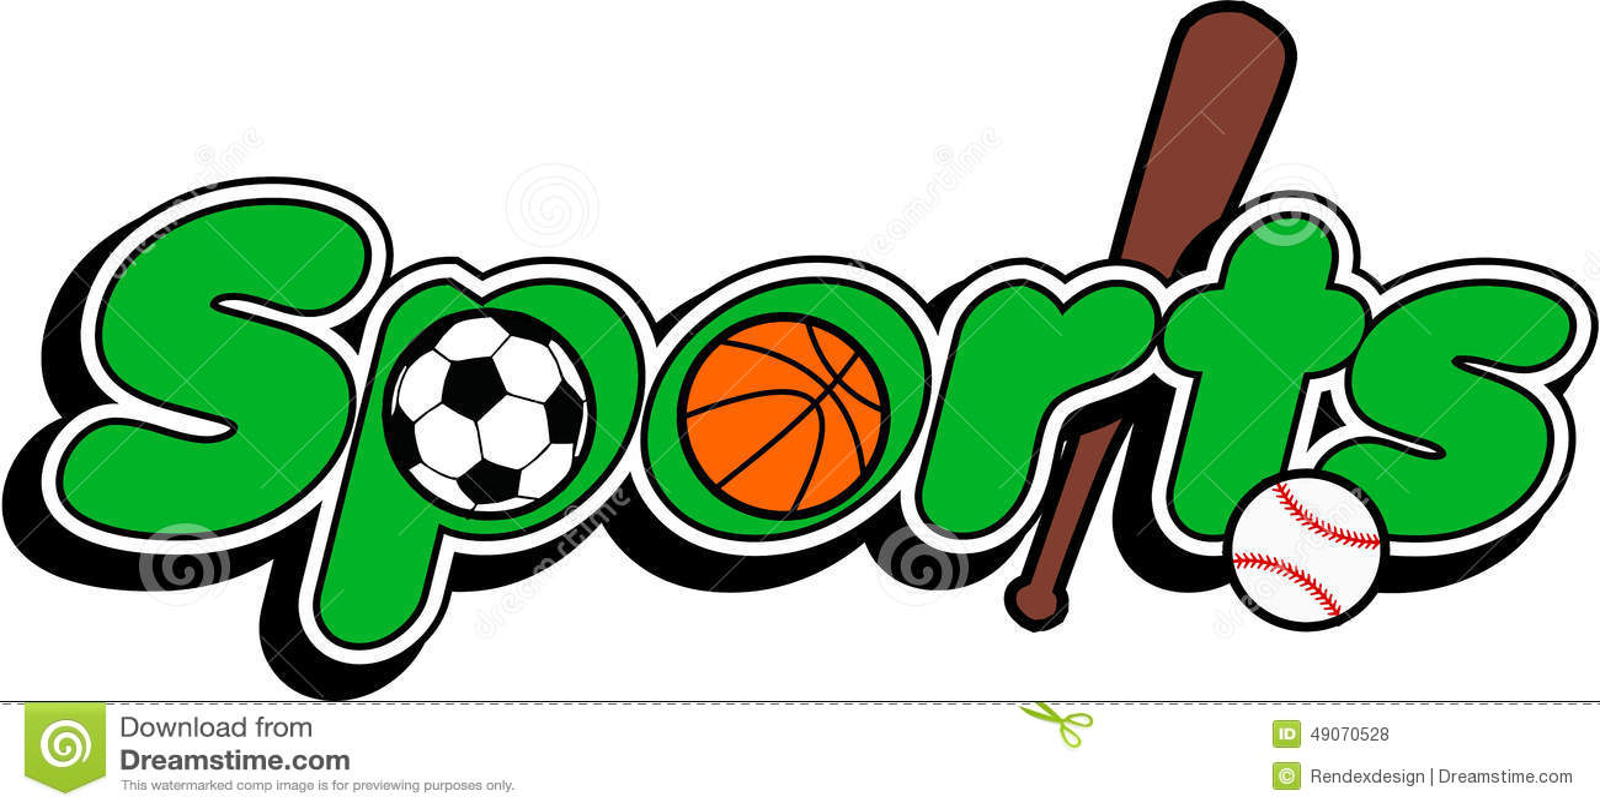 Sportlogo